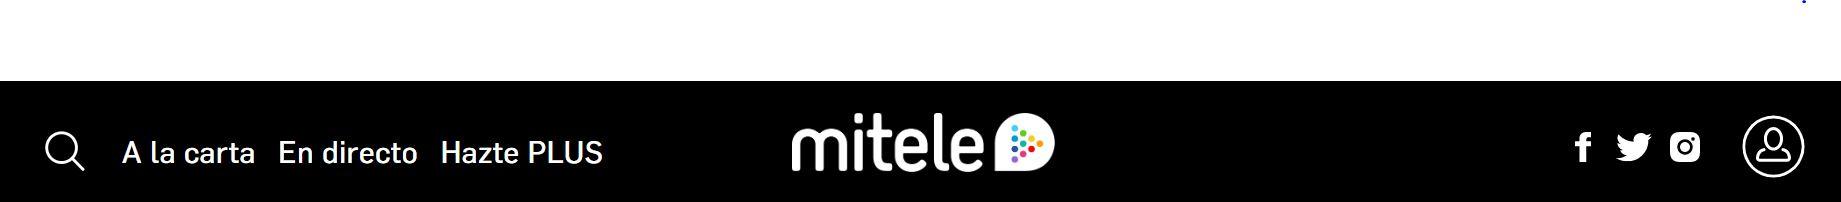 Mitele es uno de los servicios streaming más utilizados.